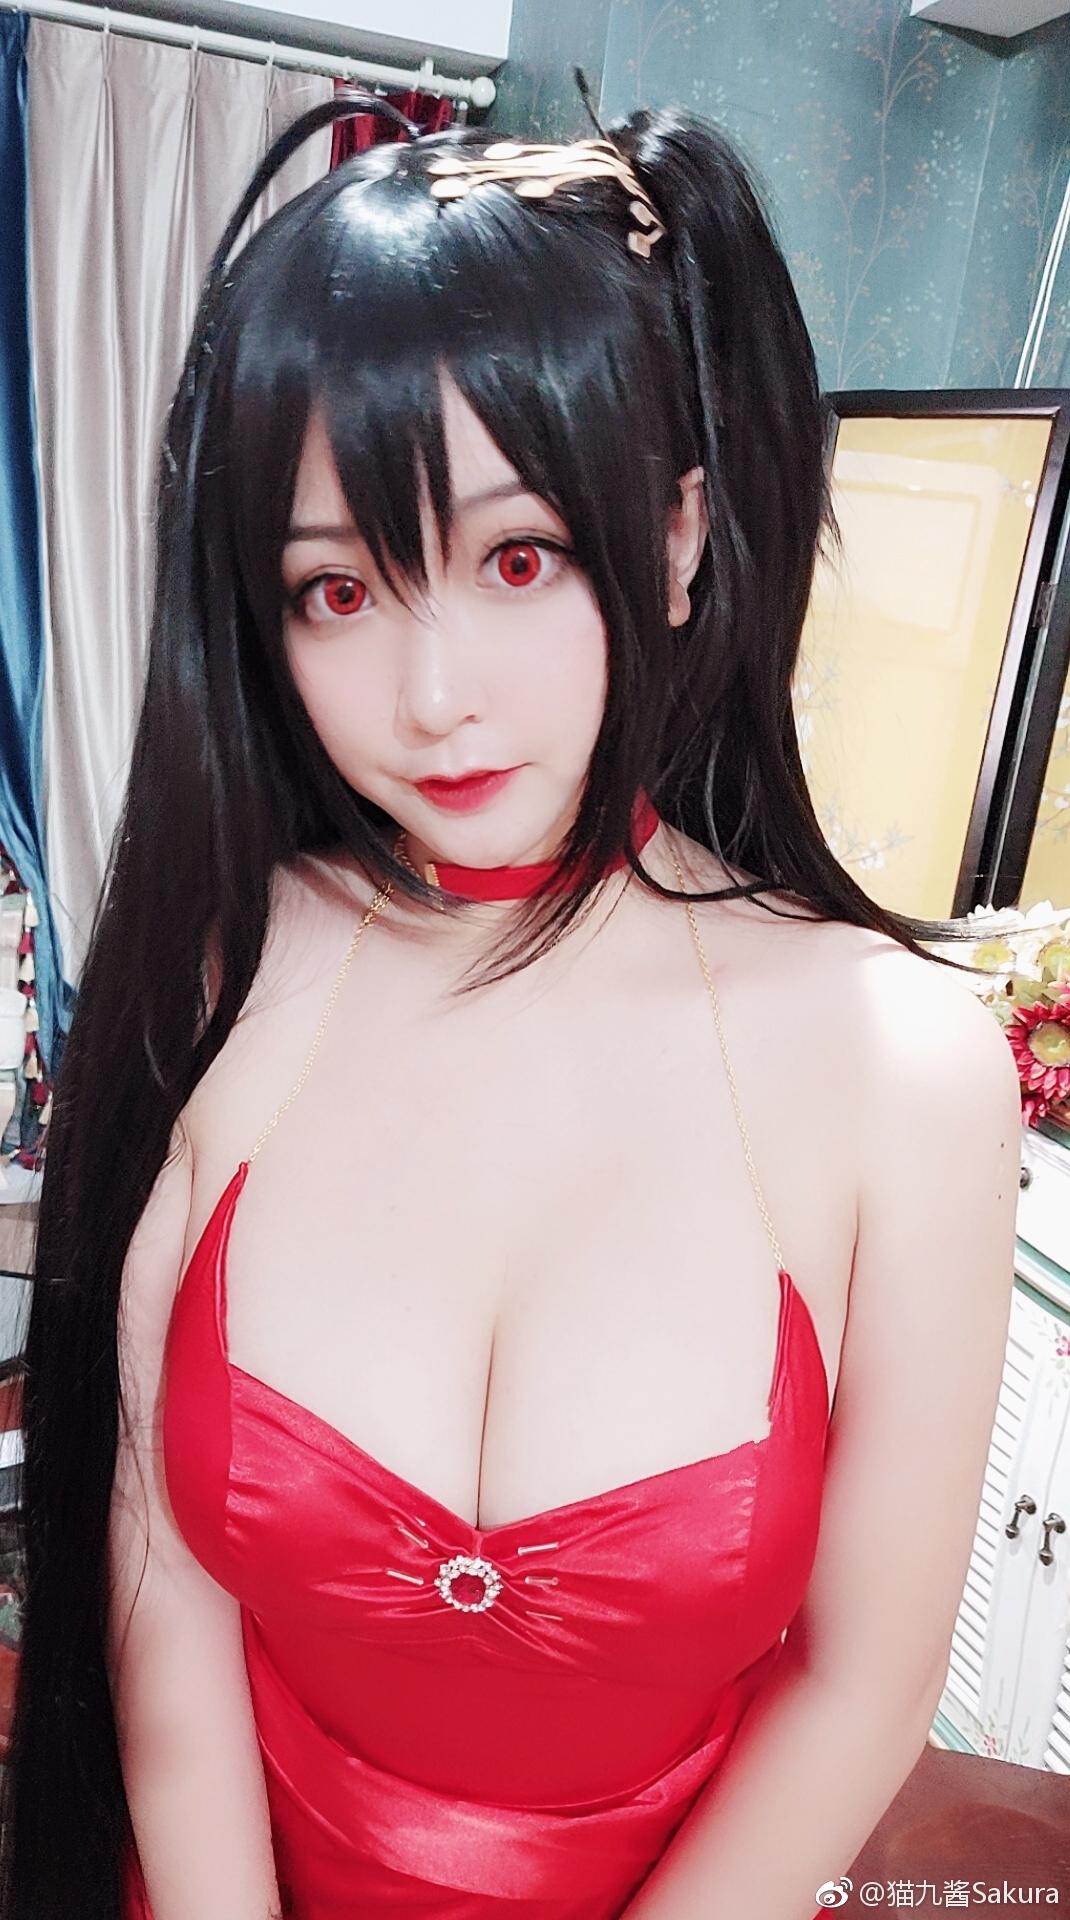 猫九酱Sakura指挥官大人~让我们打响新年第一炮吧!_美女福利图片